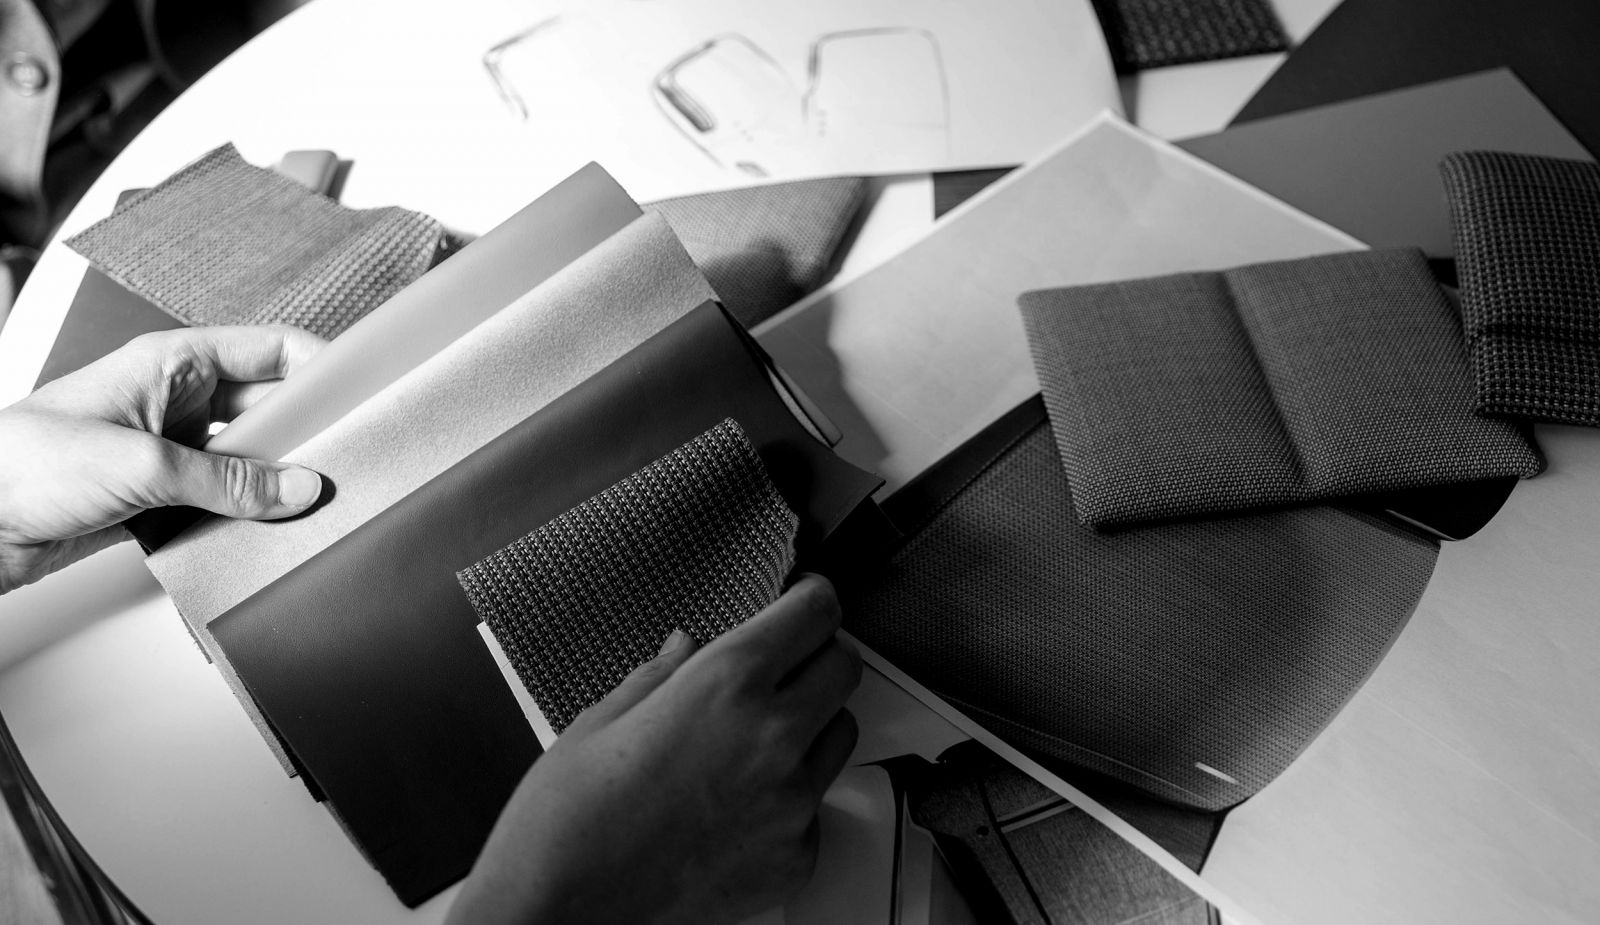 eva seats process color material